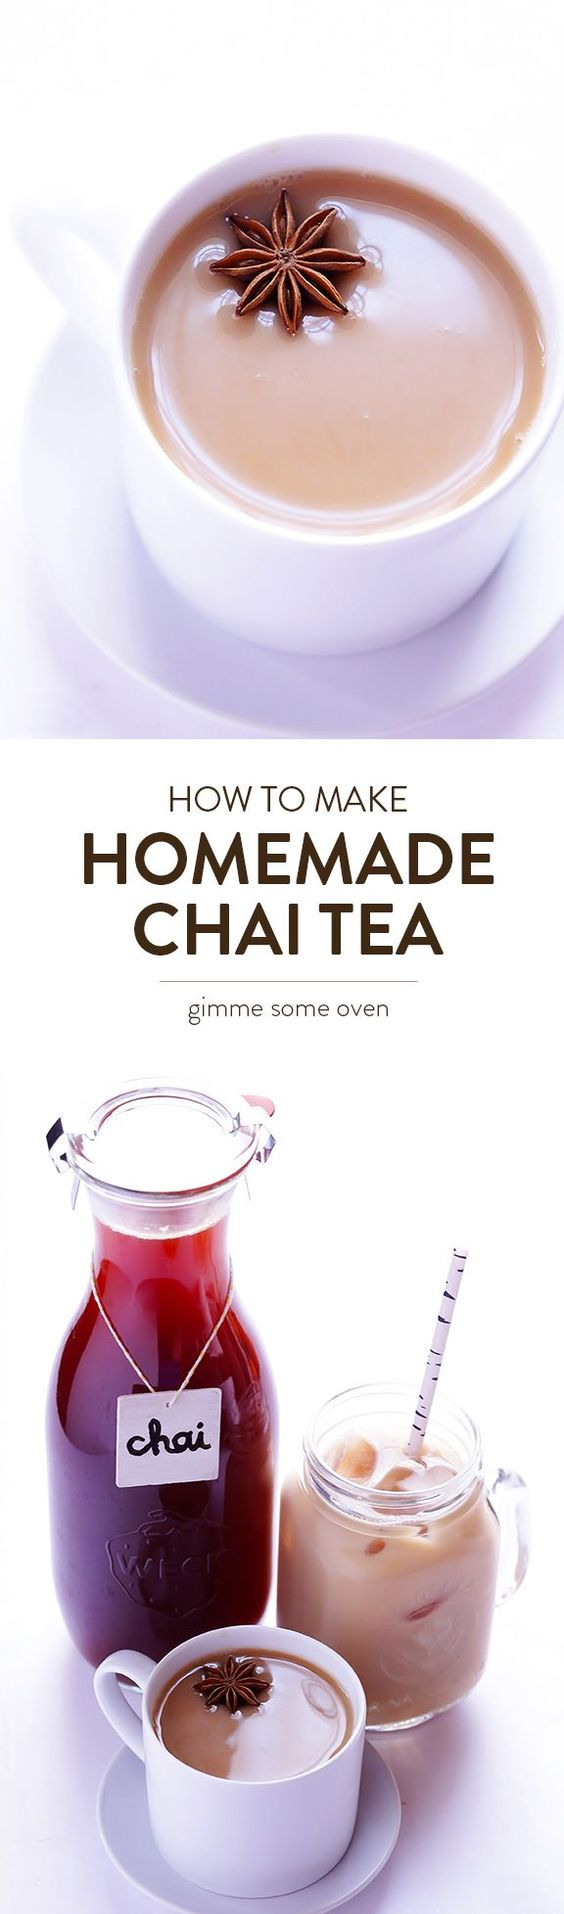 explore hot chai chai chai and more homemade chai tea recipe teas tea ...